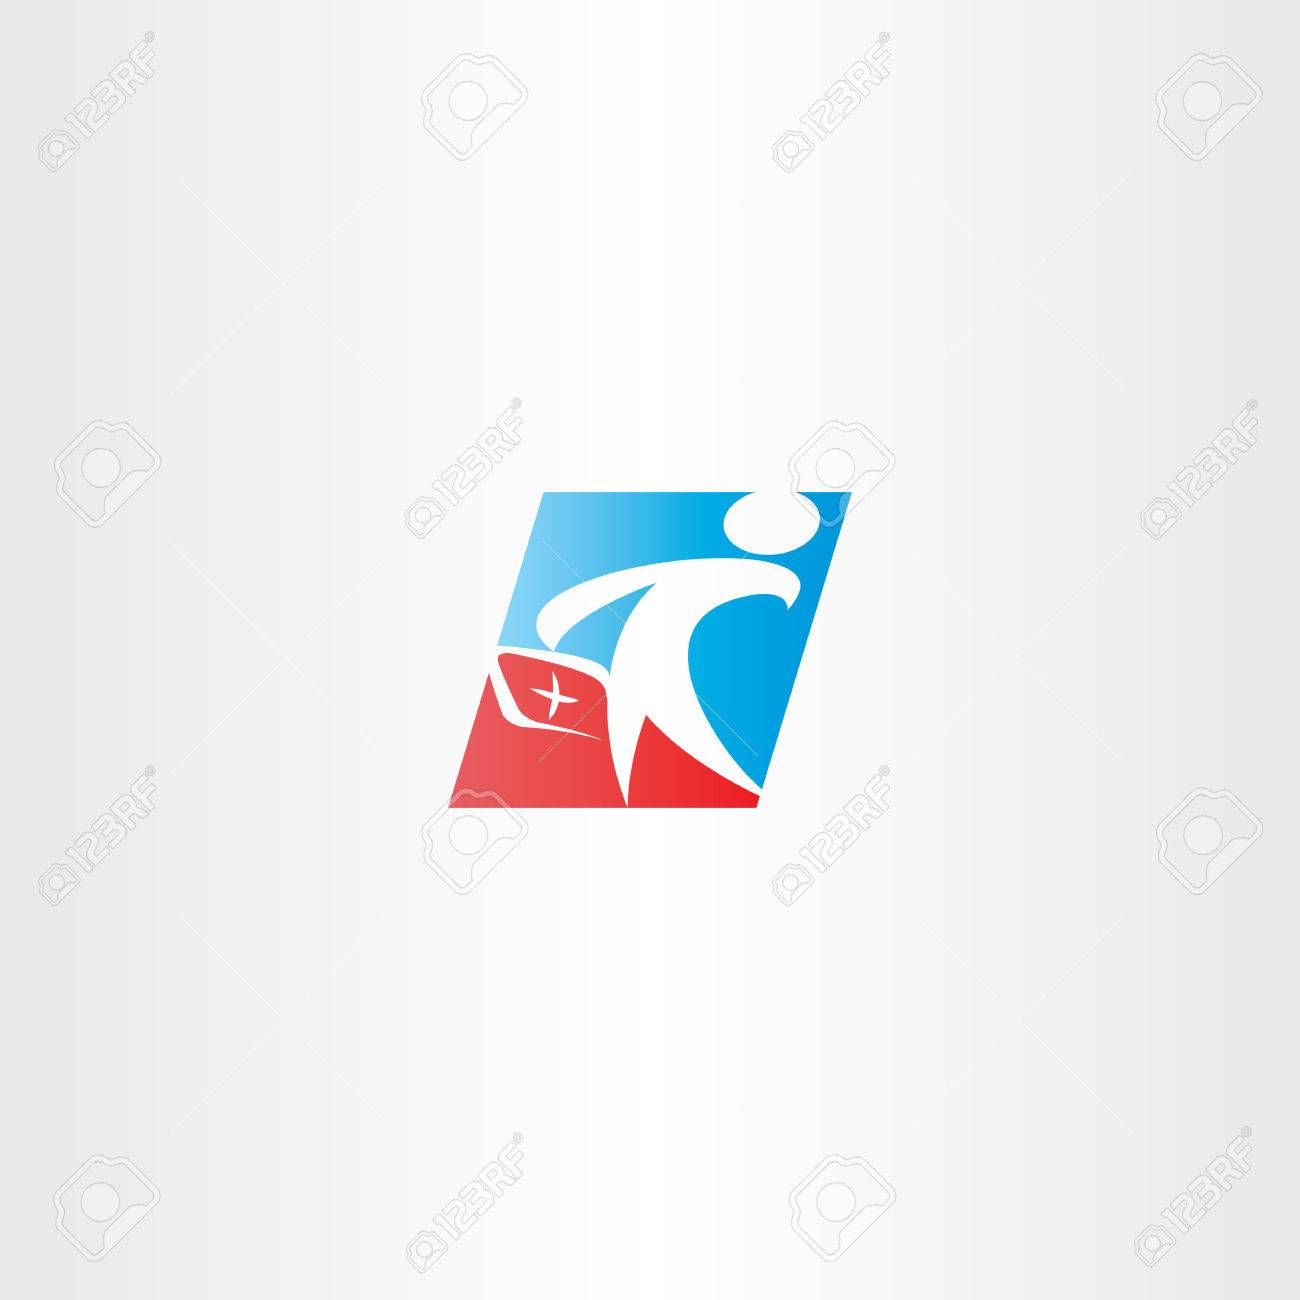 Sanitäter symbol  Arzt Sanitäter Mann Vektor-Symbol Symbol Lizenzfrei Nutzbare ...